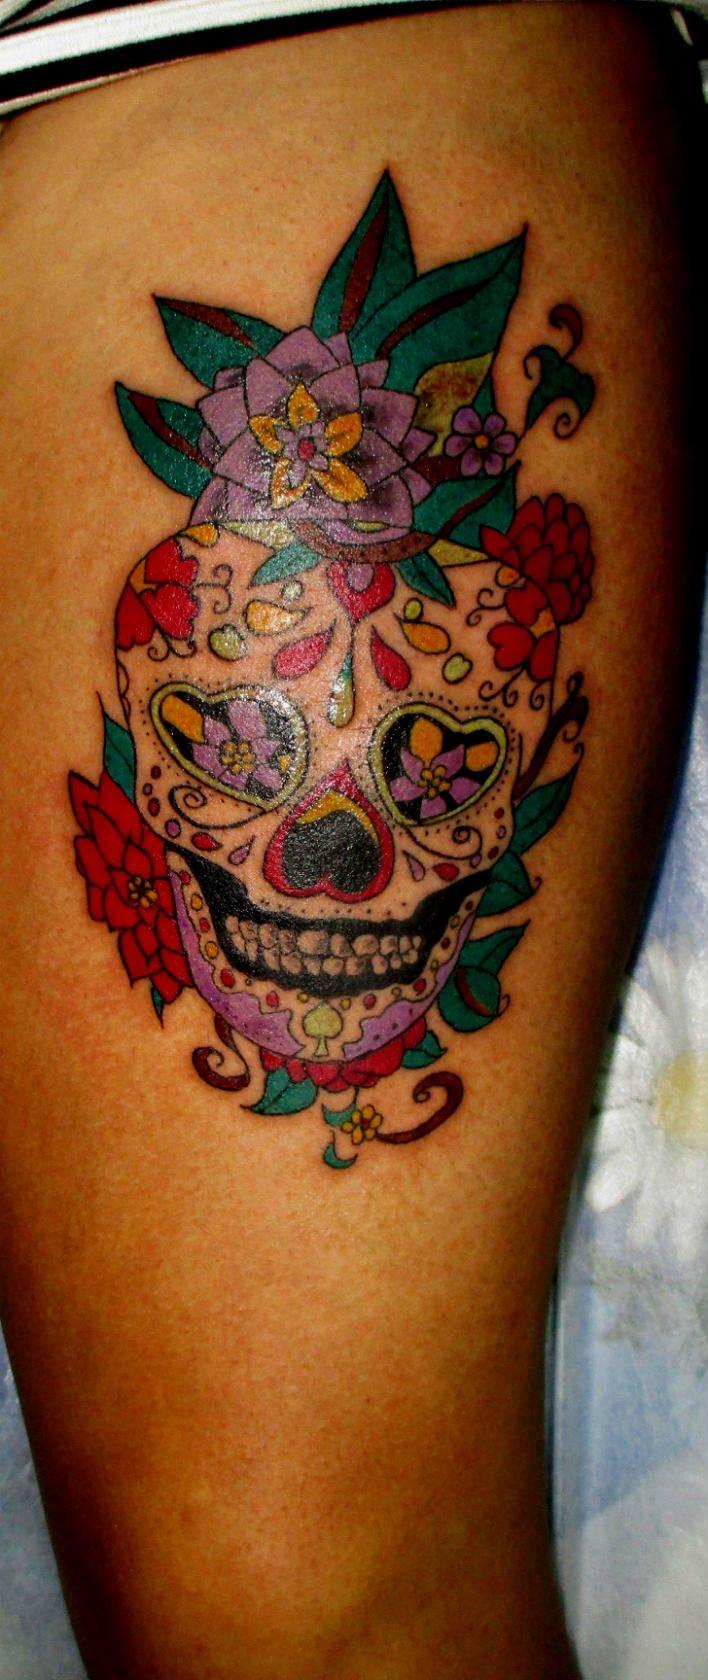 Уход за татуировкой правила ухода за тату в первые дни после нанесения